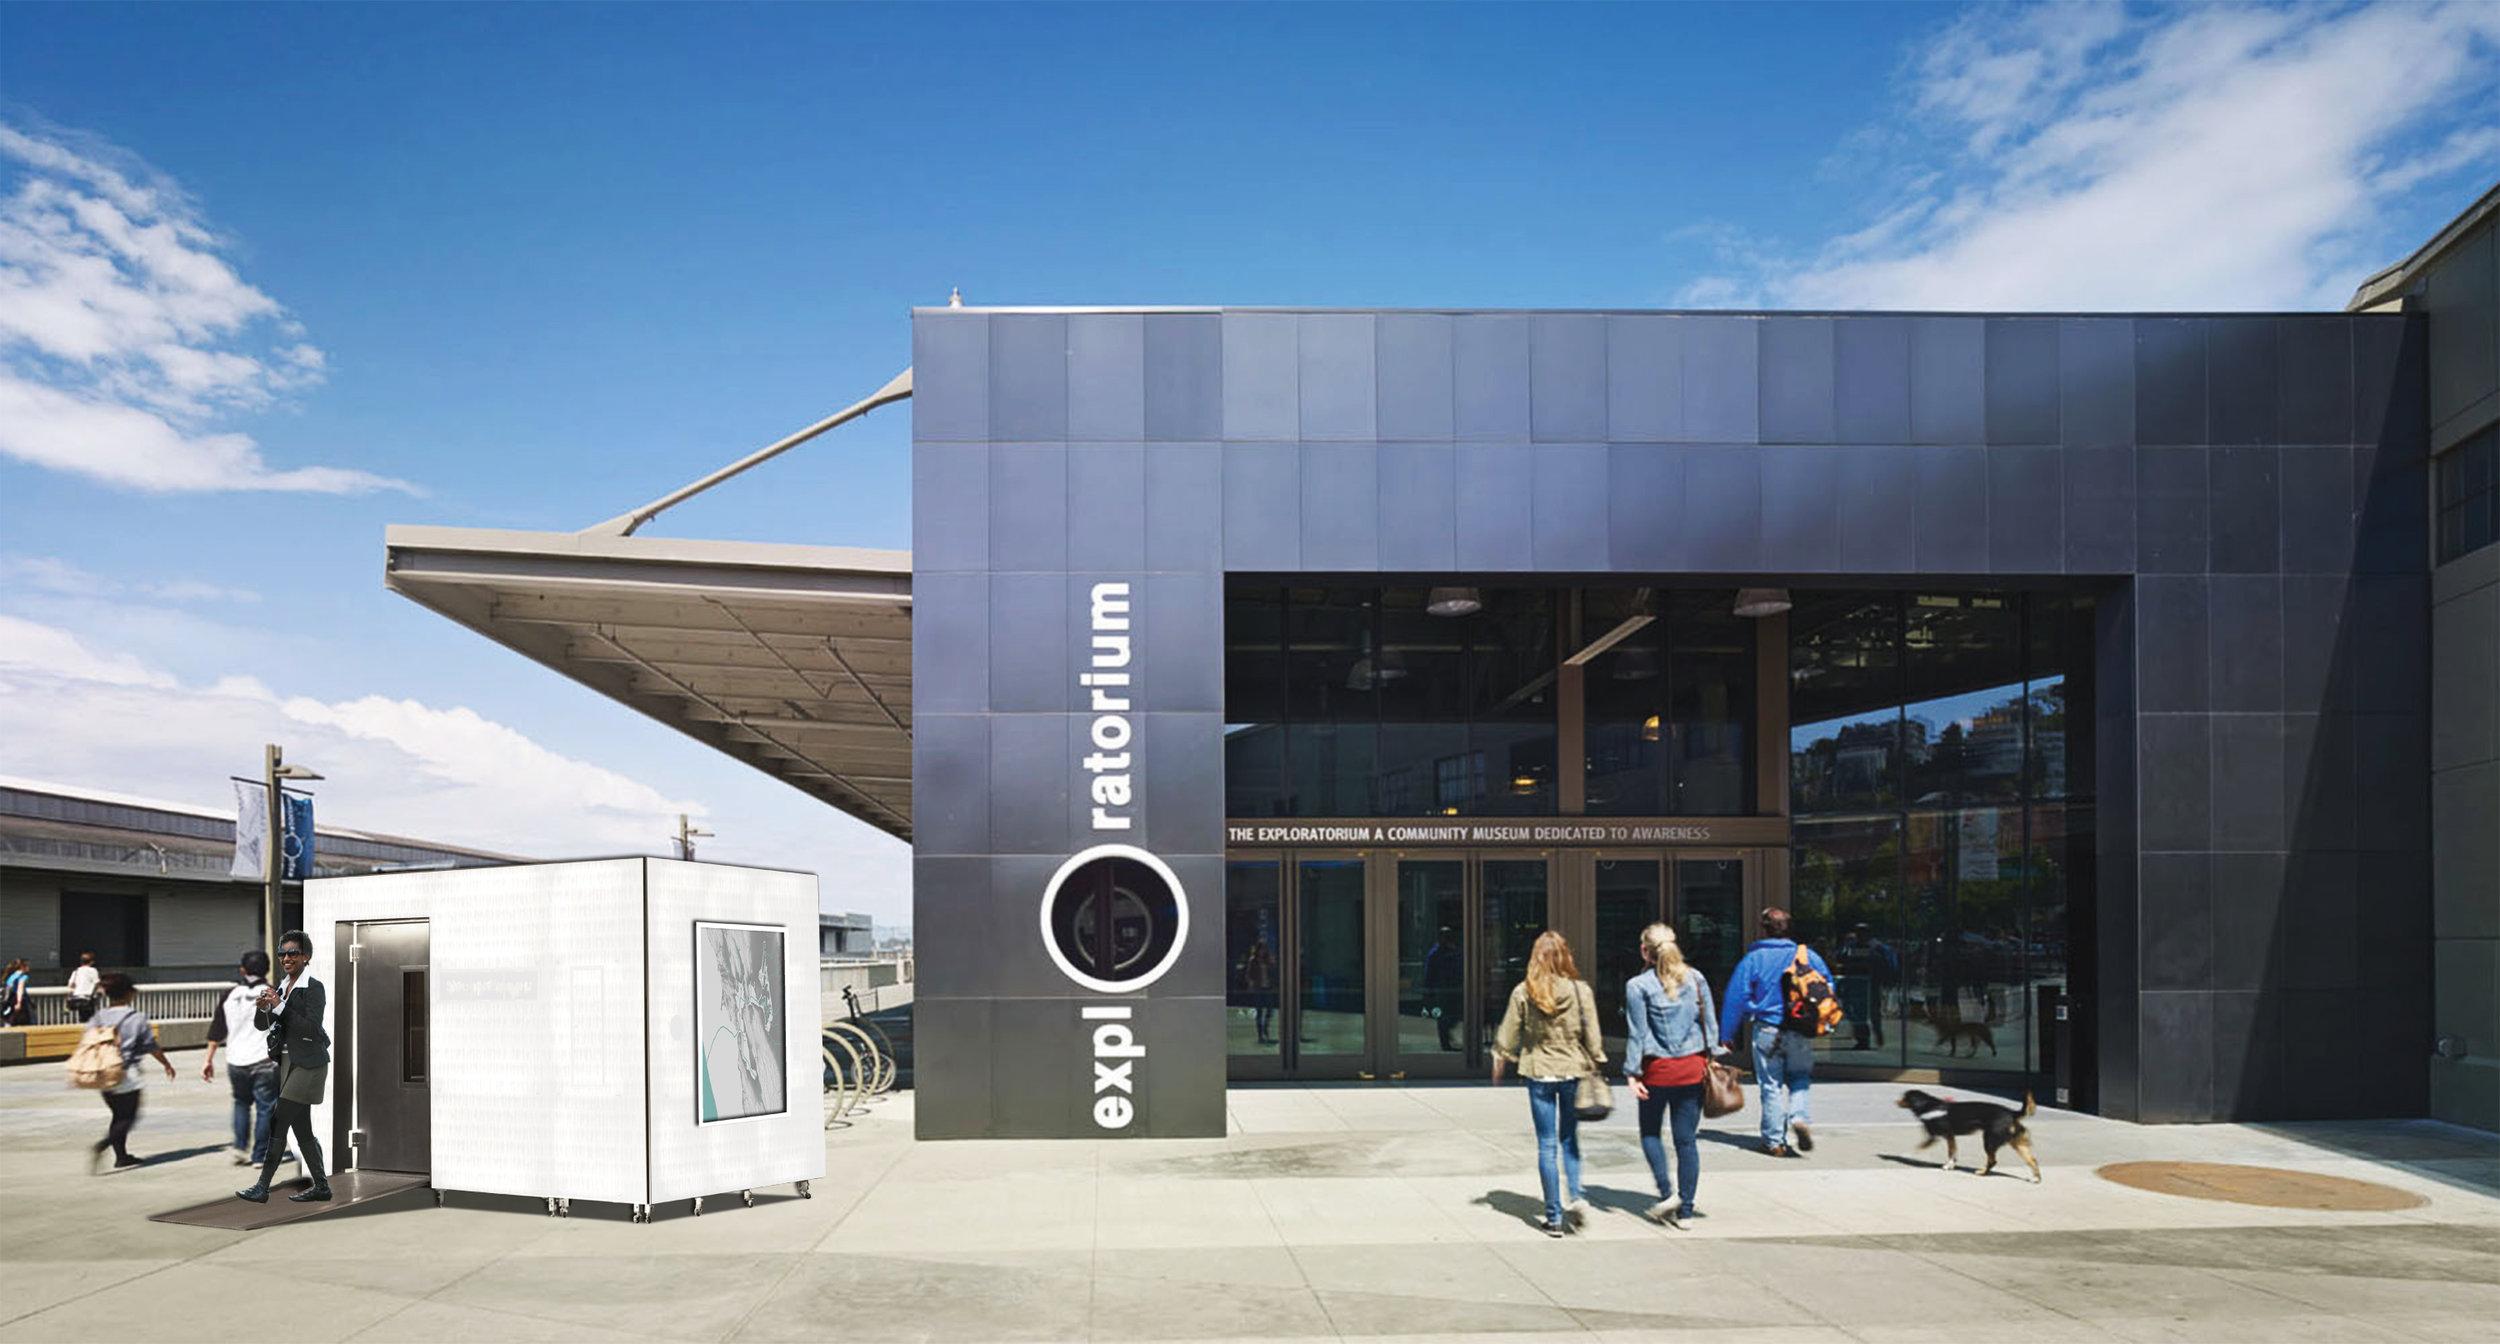 photo booth_atexploratorium.jpg